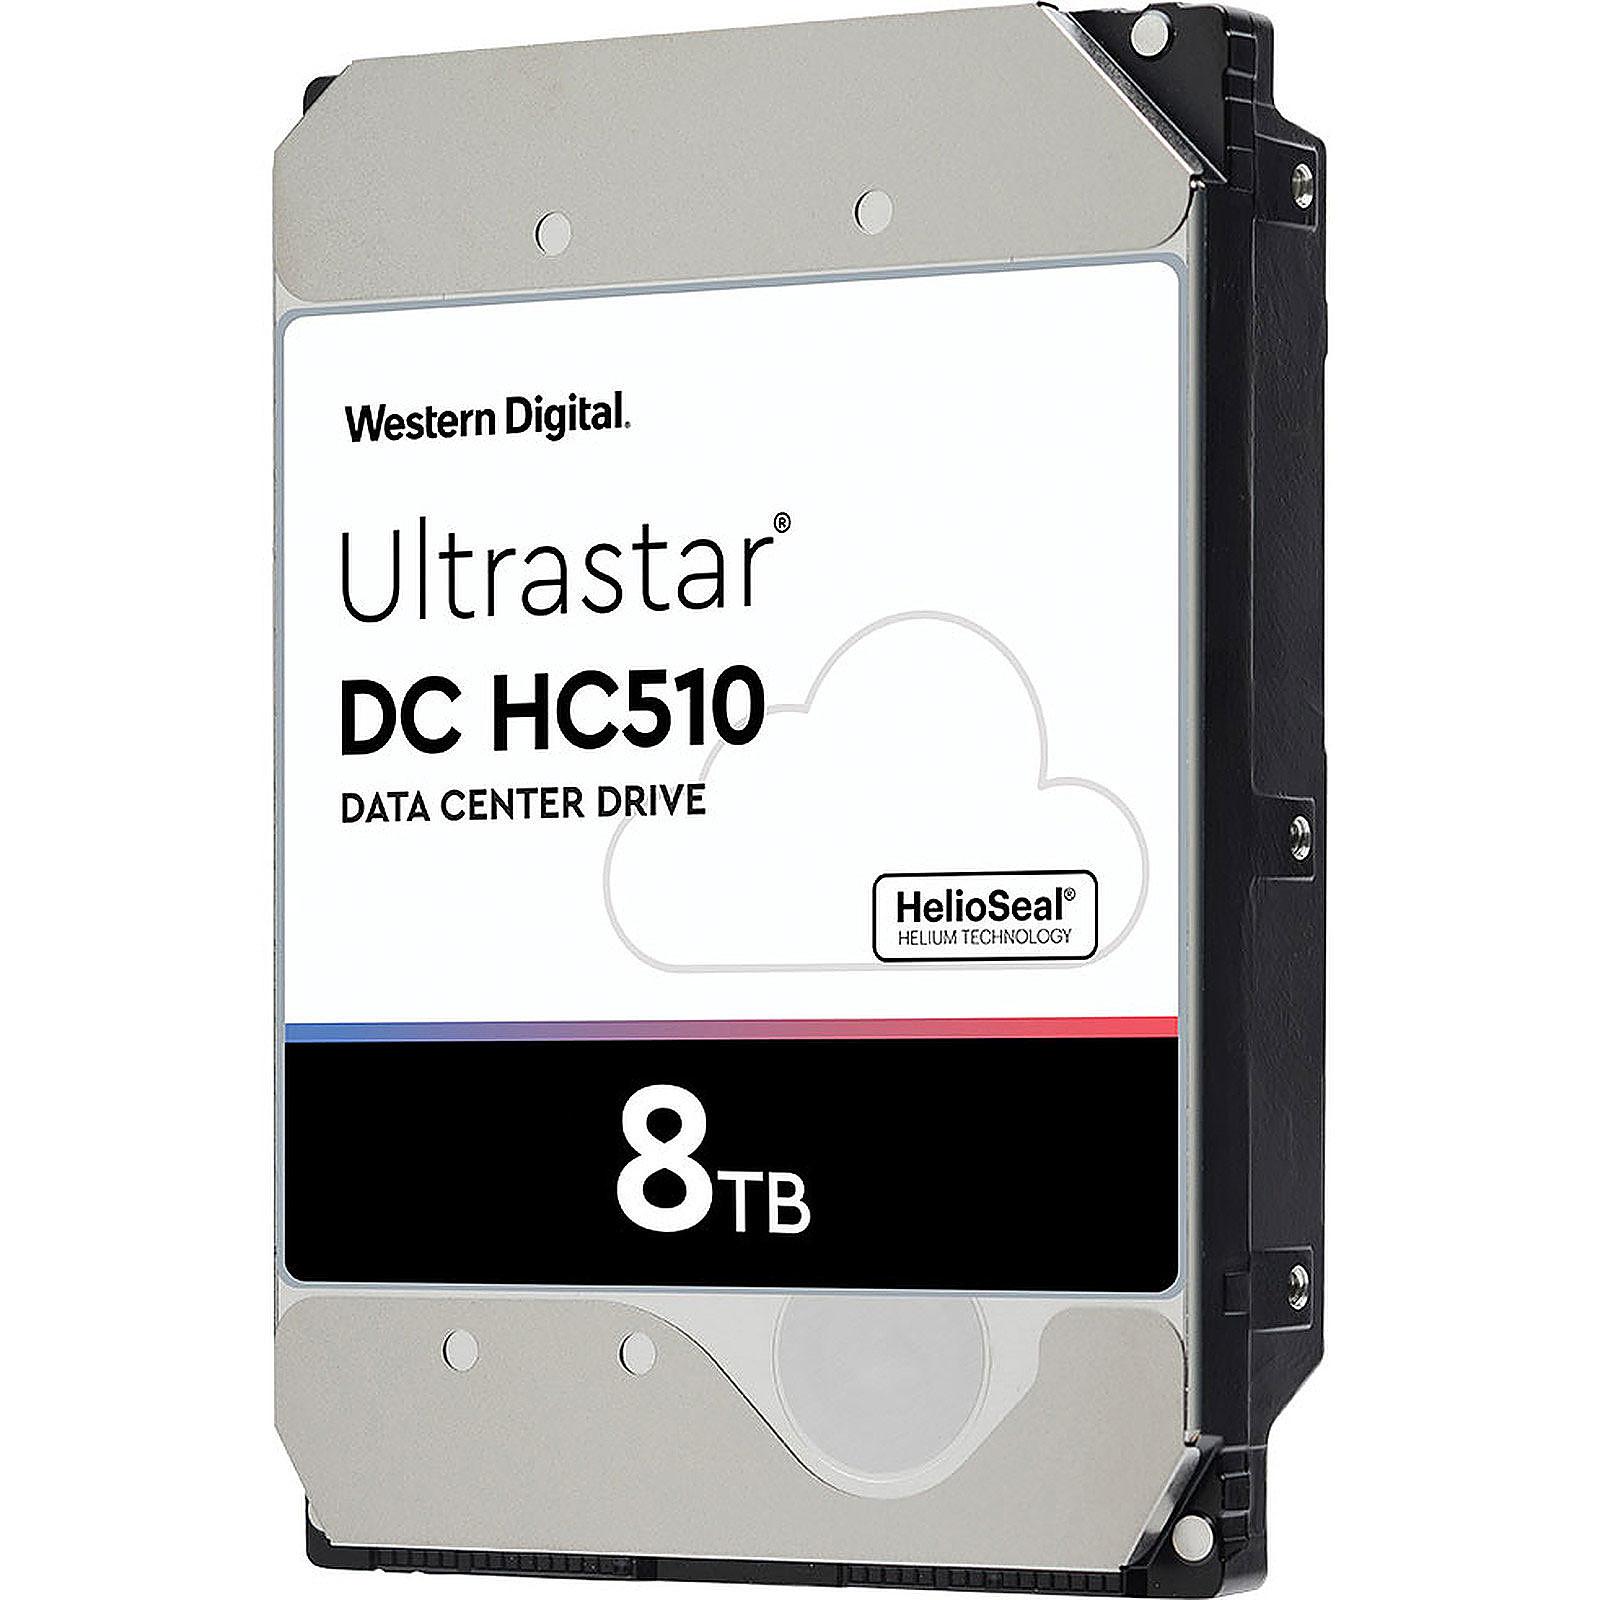 Western Digital Ultrastar DC HC510 8 TB (0F27356)